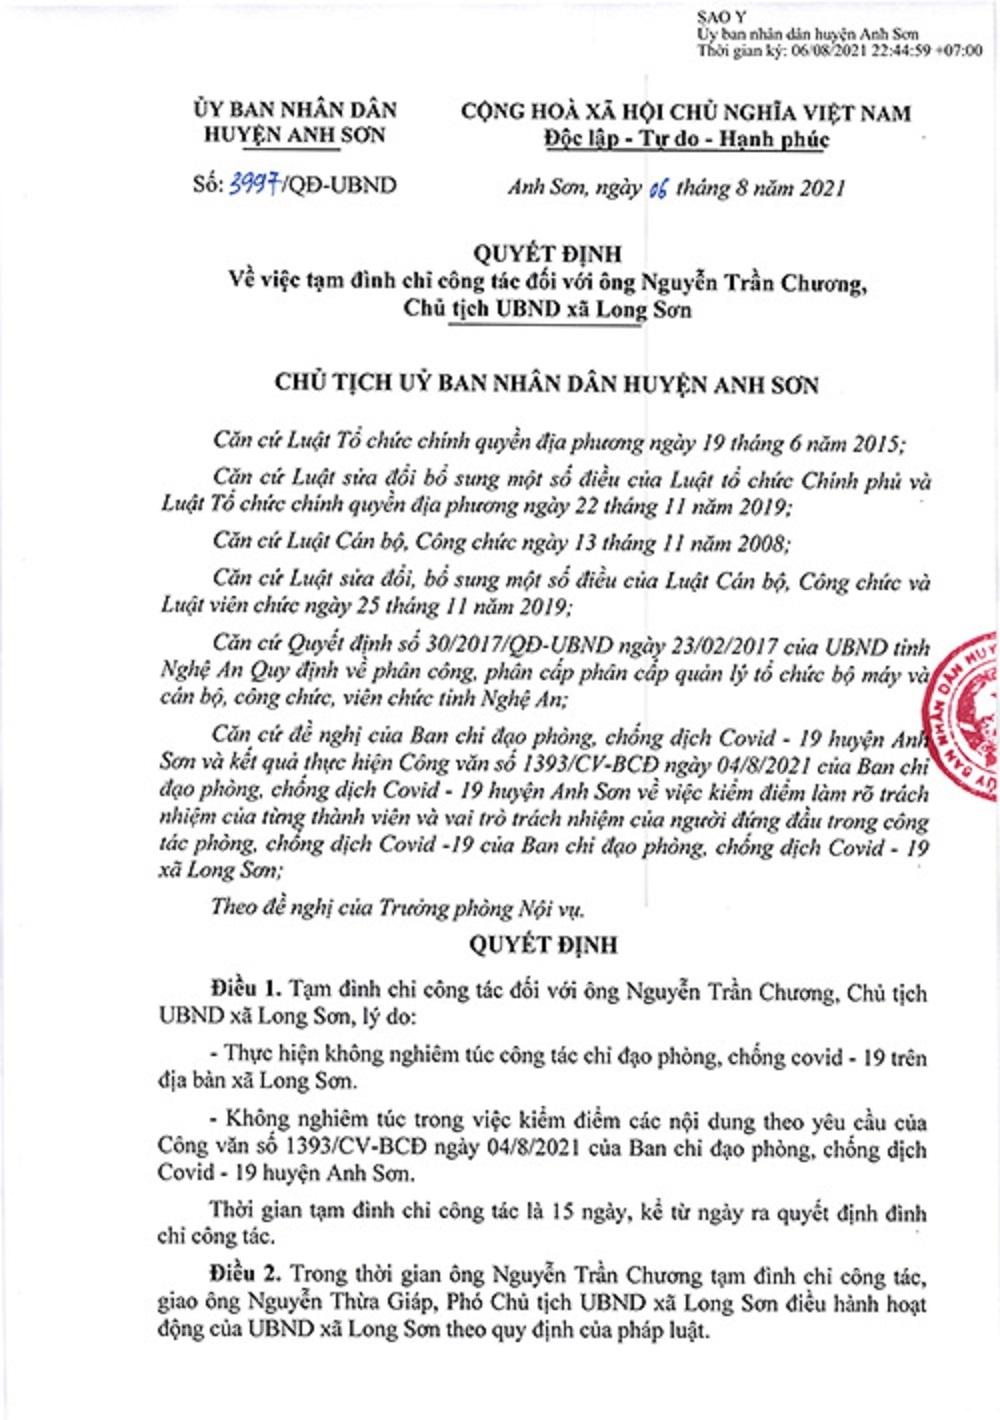 Nghệ An: Thêm 1 Chủ tịch xã bị đình chỉ công tác vì lơ là trong công tác phòng, chống Covid-19